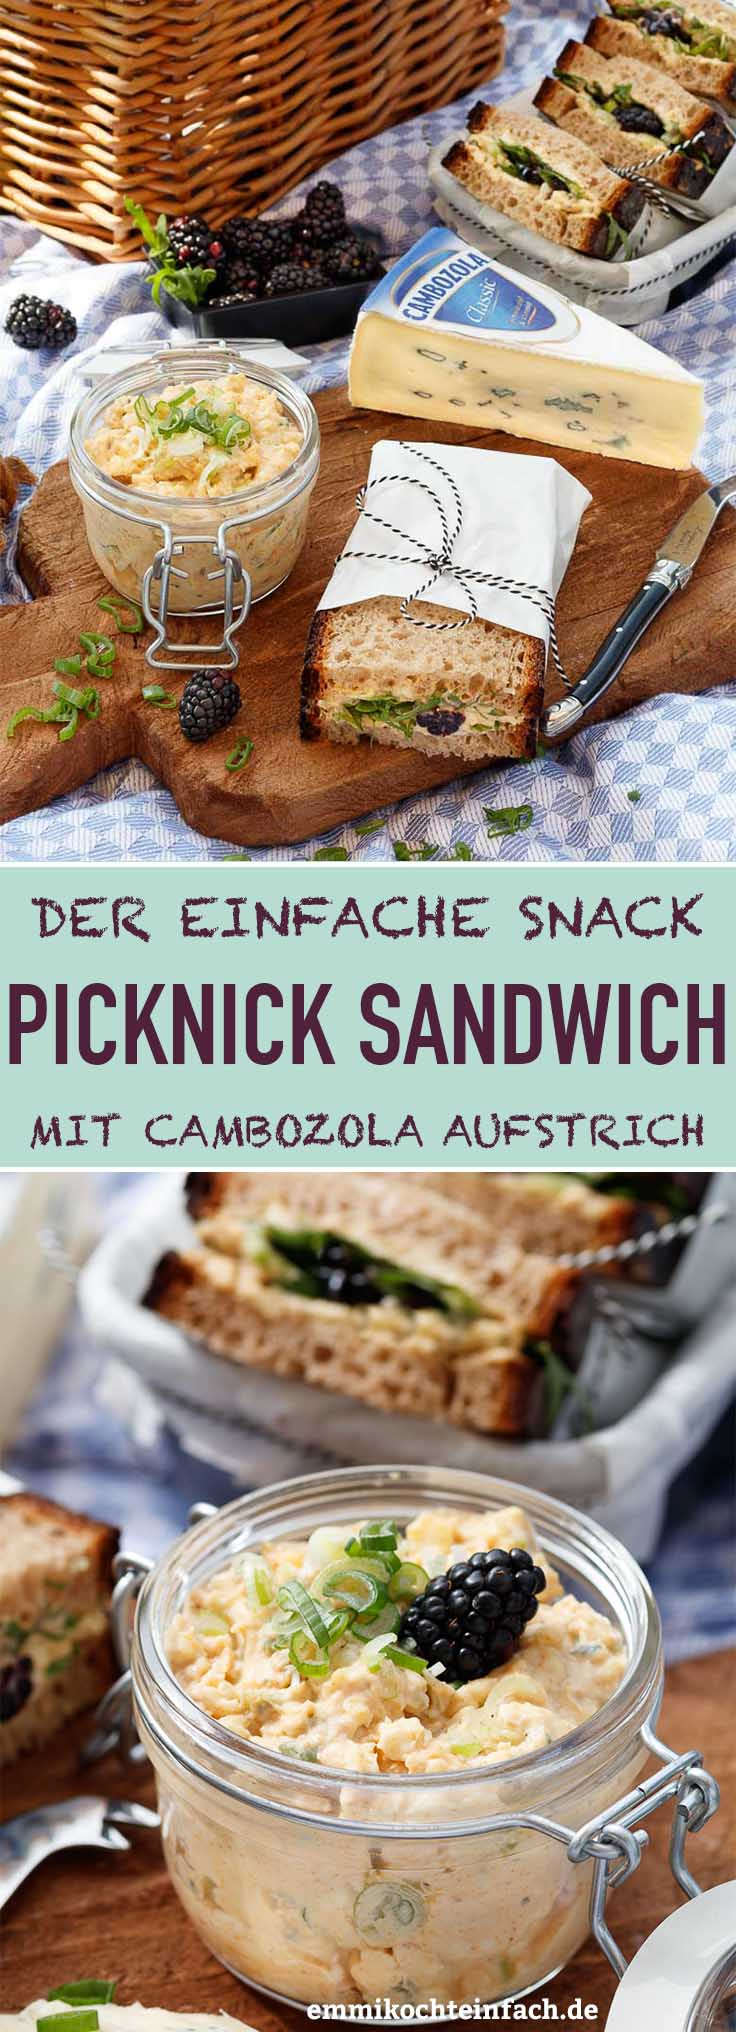 Picknick Sandwich mit cremigem Cambozola Aufstrich - www.emmikochteinfach.de